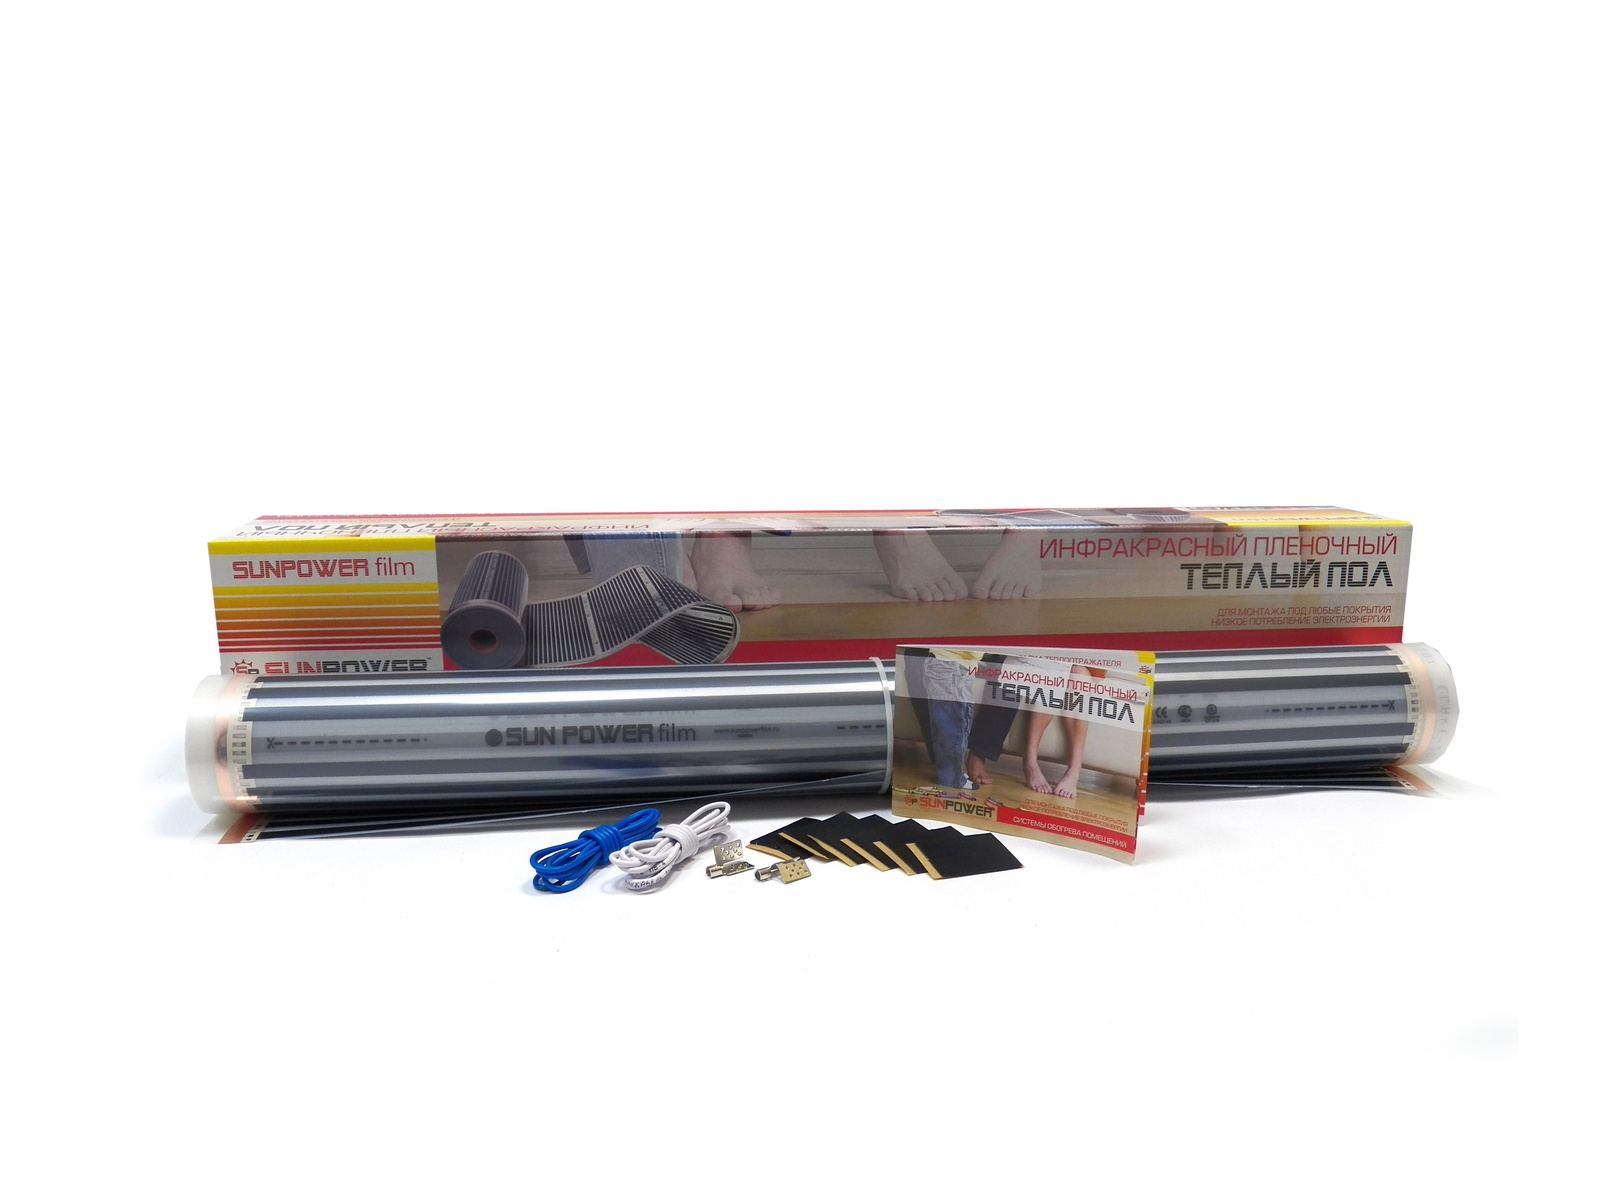 все цены на Комплект теплого пола SunPower SPF 80/220/2, инфракрасный, пленочный, 220Вт, 80 см, 2 м онлайн